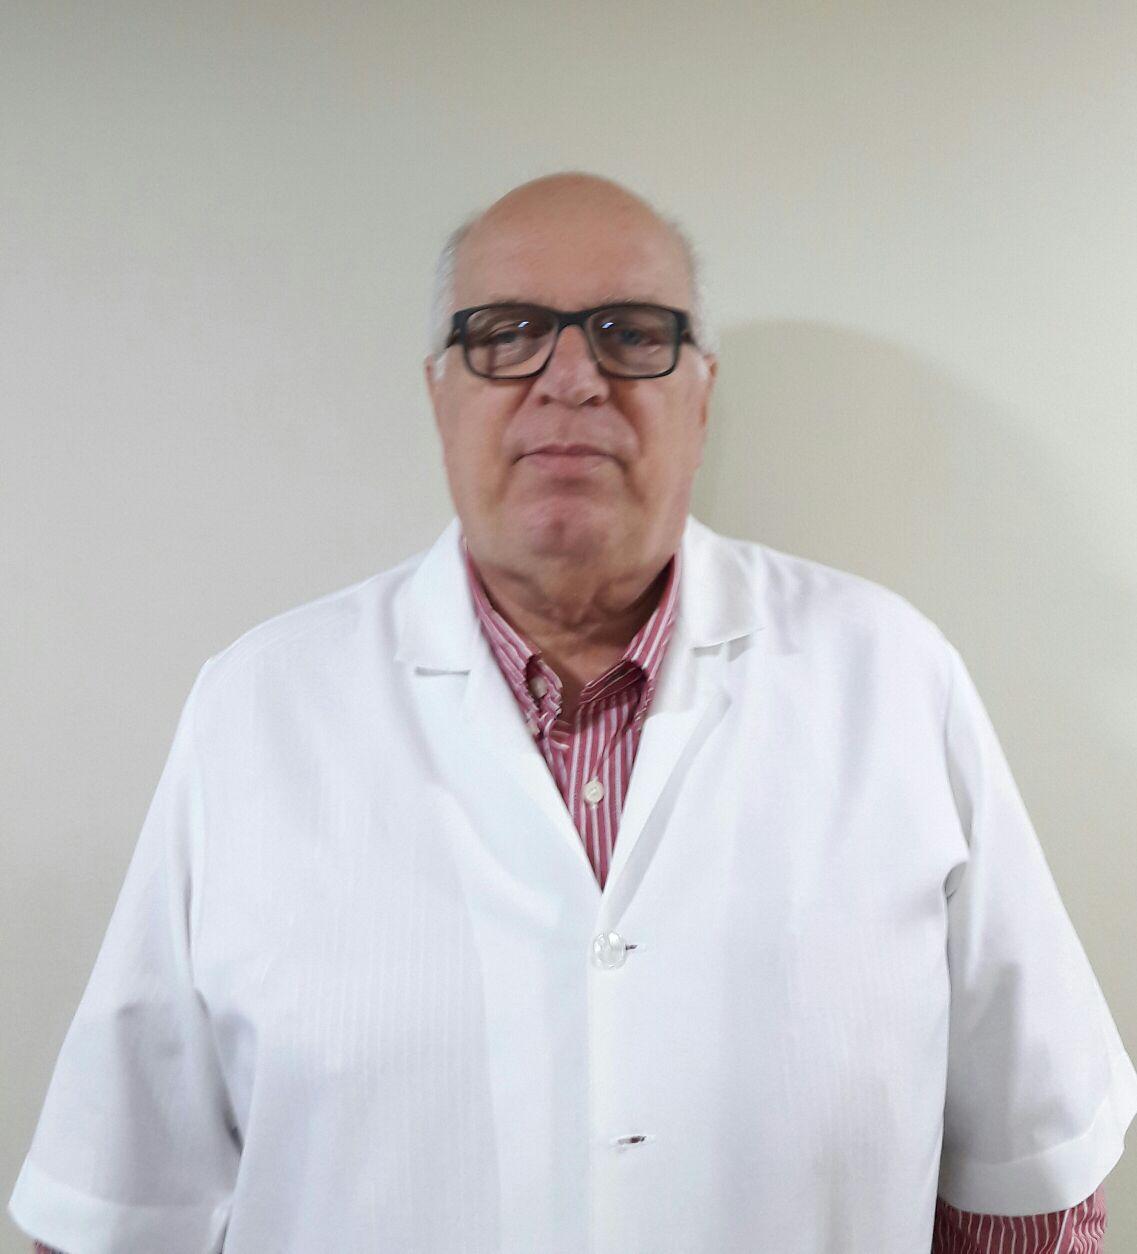 https://ultraradrio.com.br/wp-content/uploads/2015/12/paulo-trigo.jpg